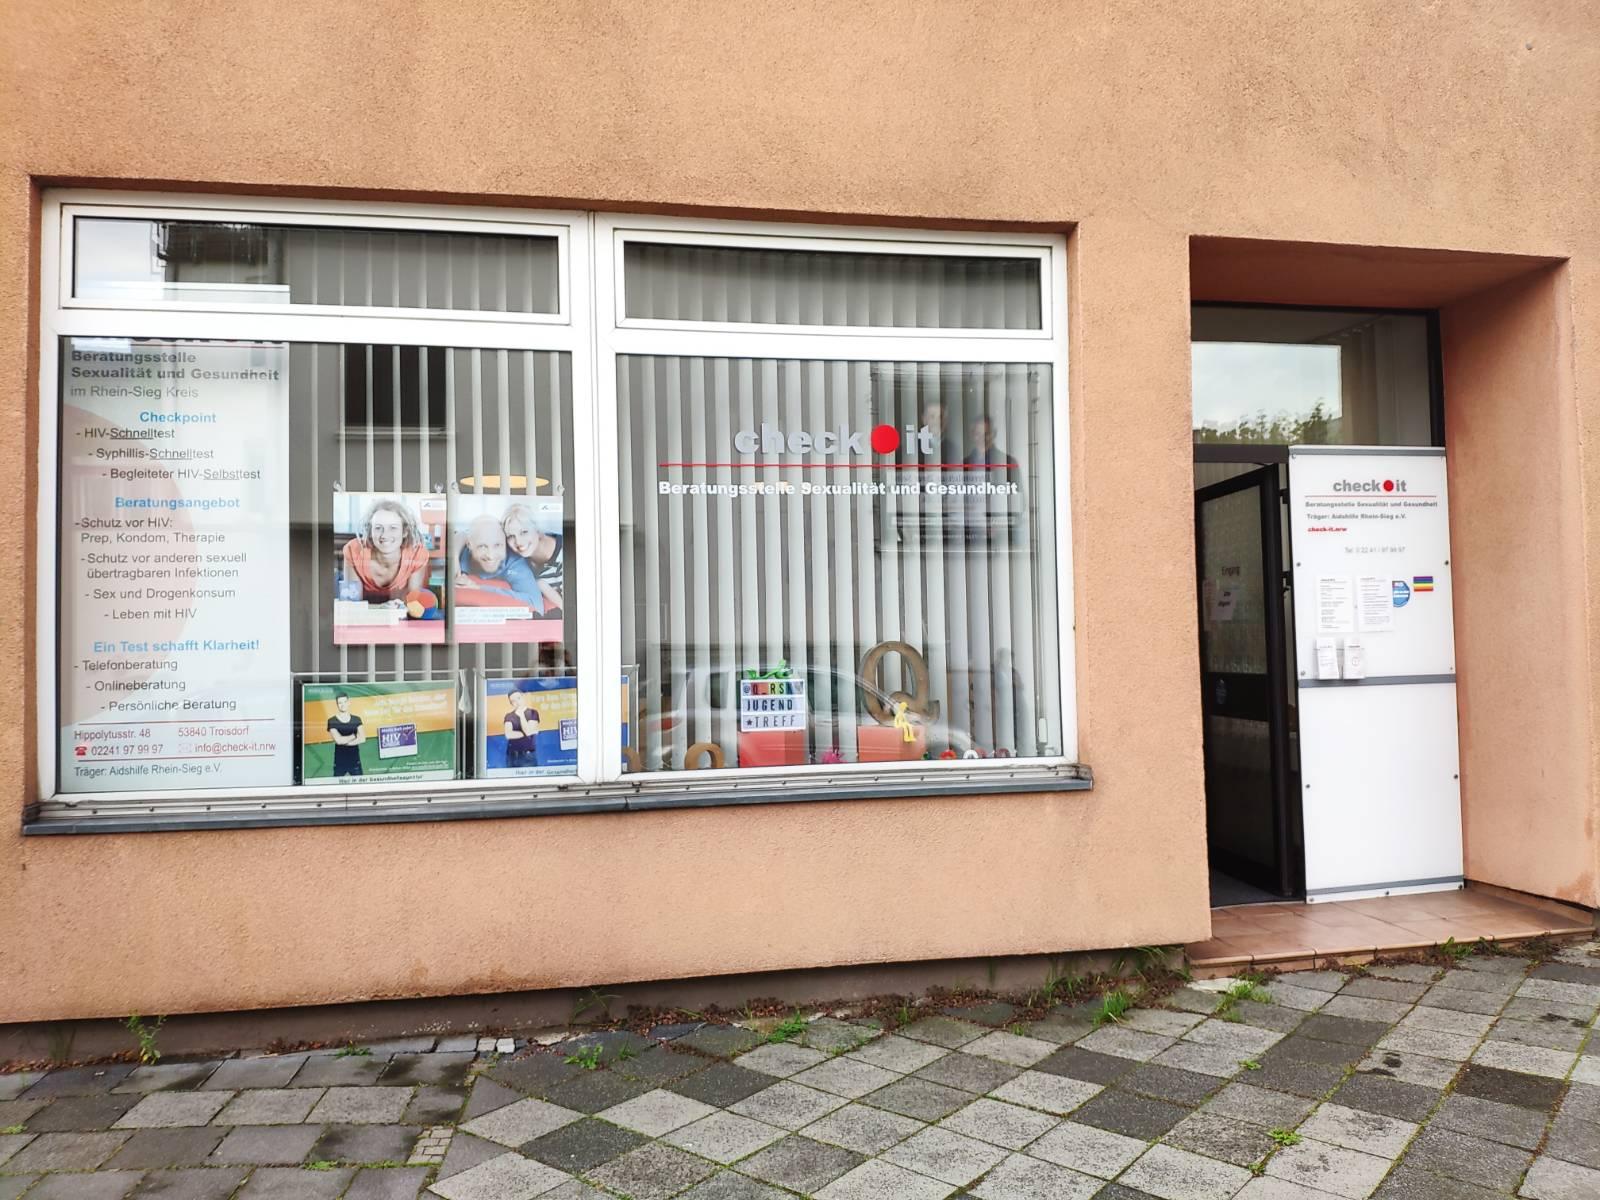 Das Bild zeigt eine Fensterfront mit der Aufschrift: Check it - Beratungsstelle Sexualität und Gesundheit